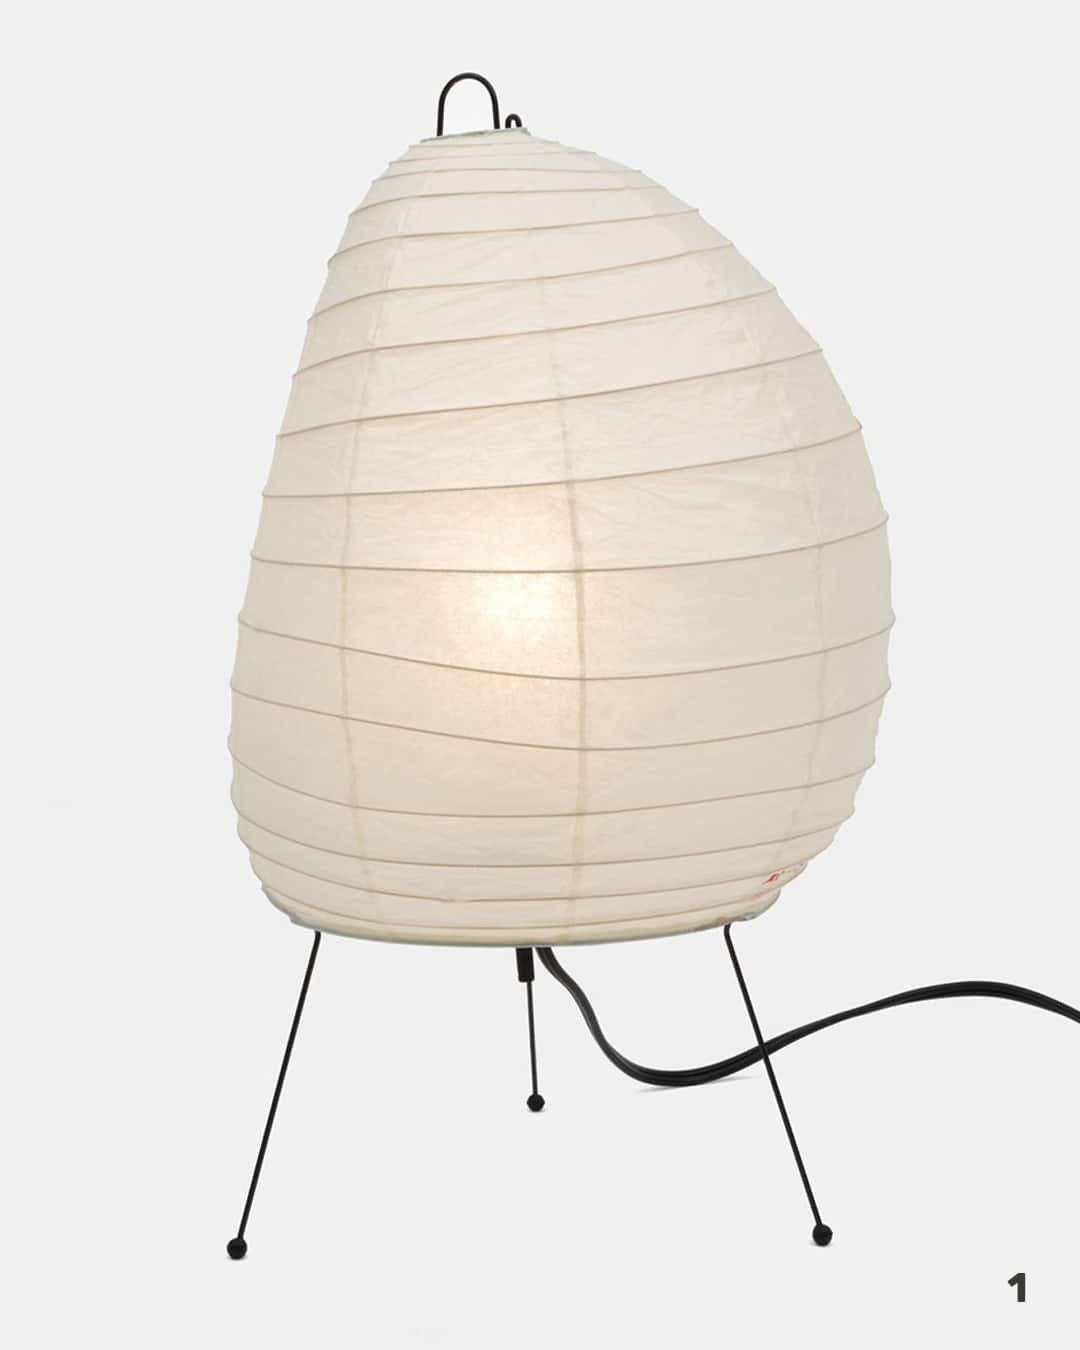 Akari Light Sculptures novità illuminazione design ecosostenibile